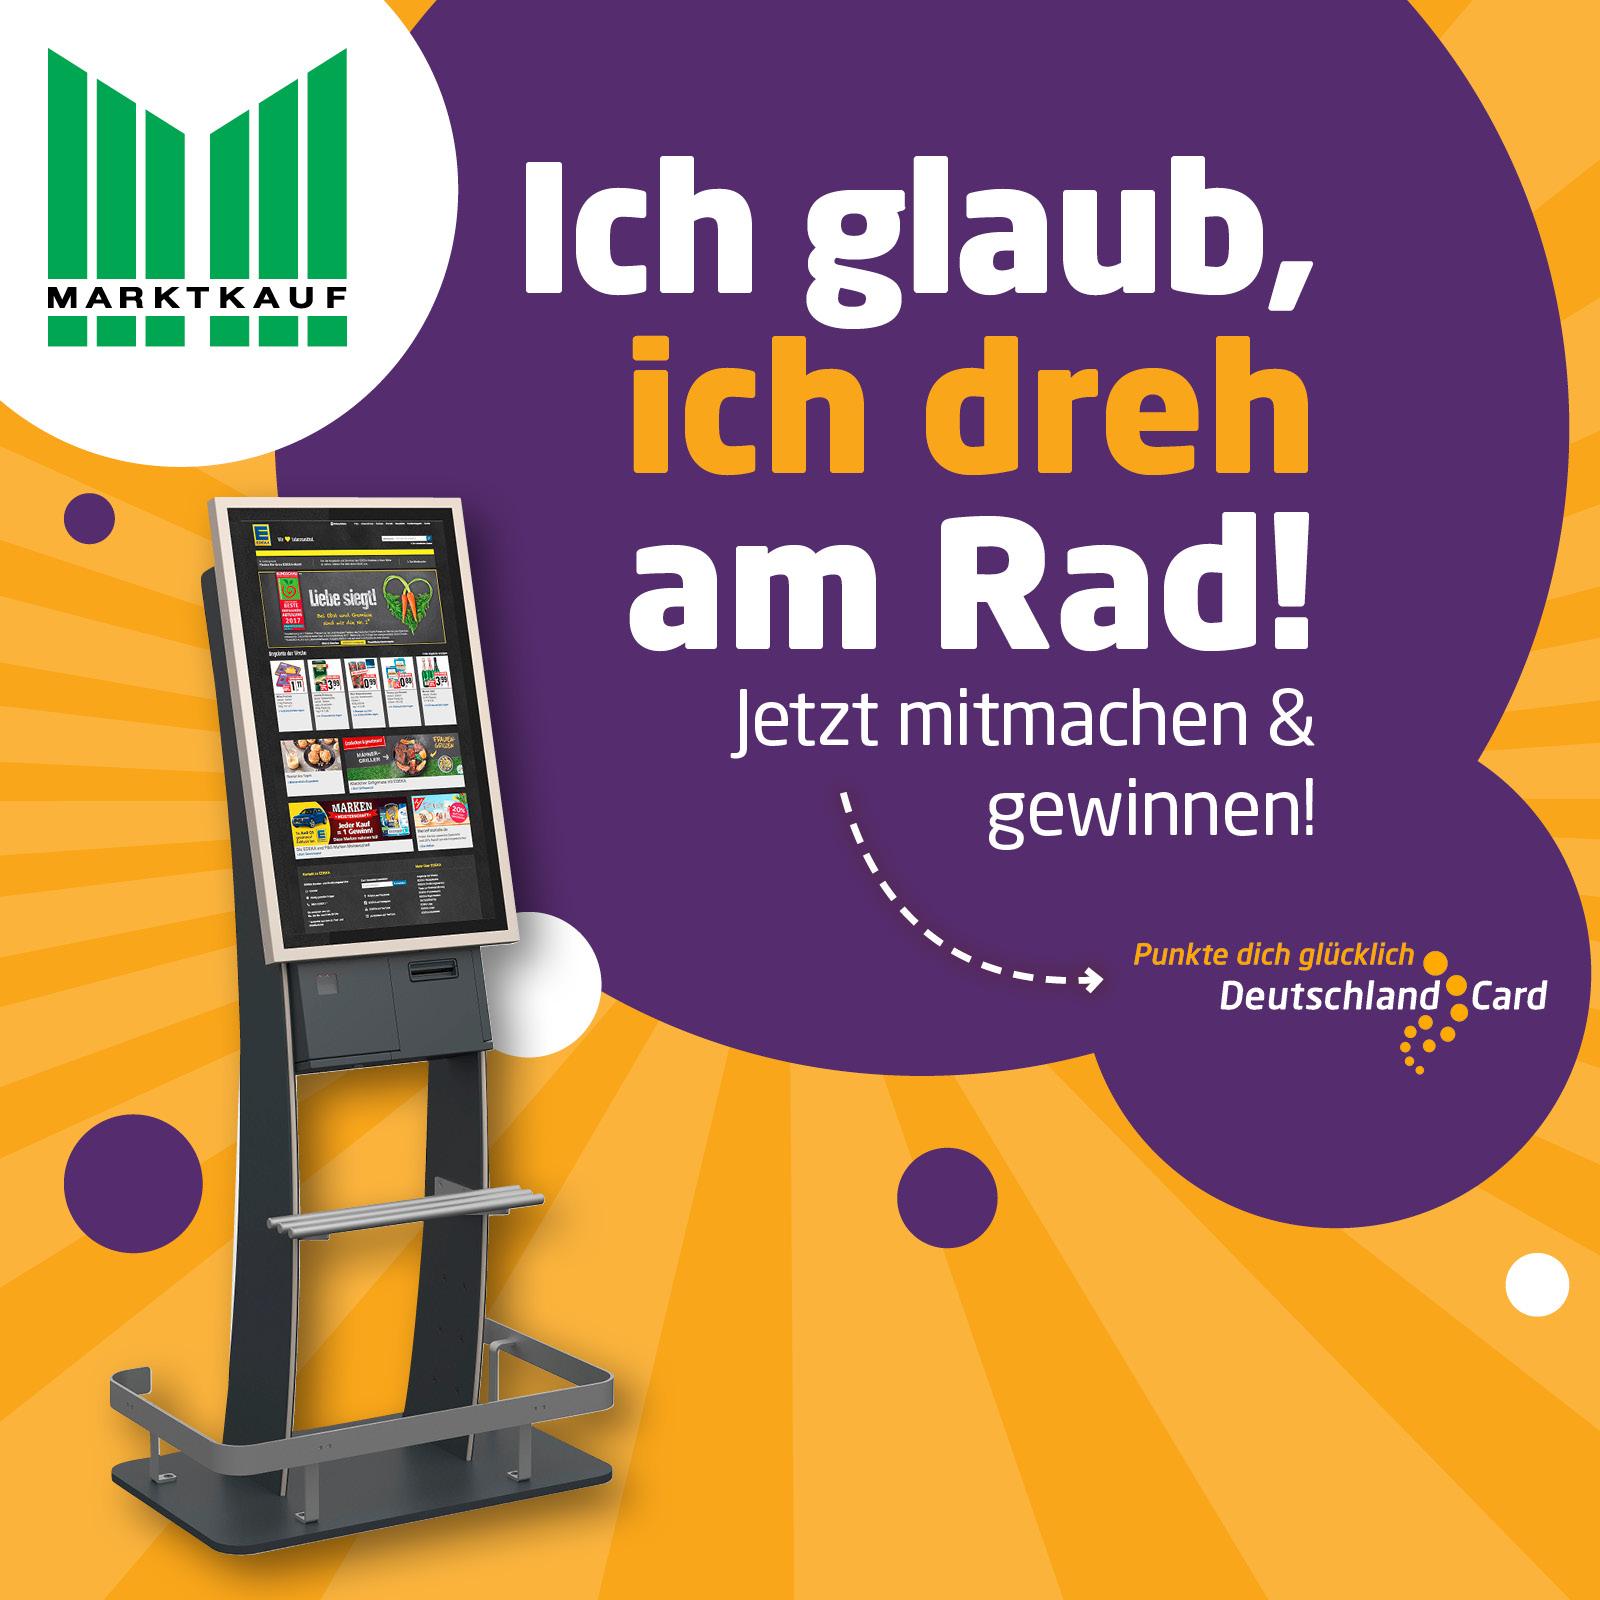 DeutschlandCard Glückrad in deinem Markt – punkte dich glücklich